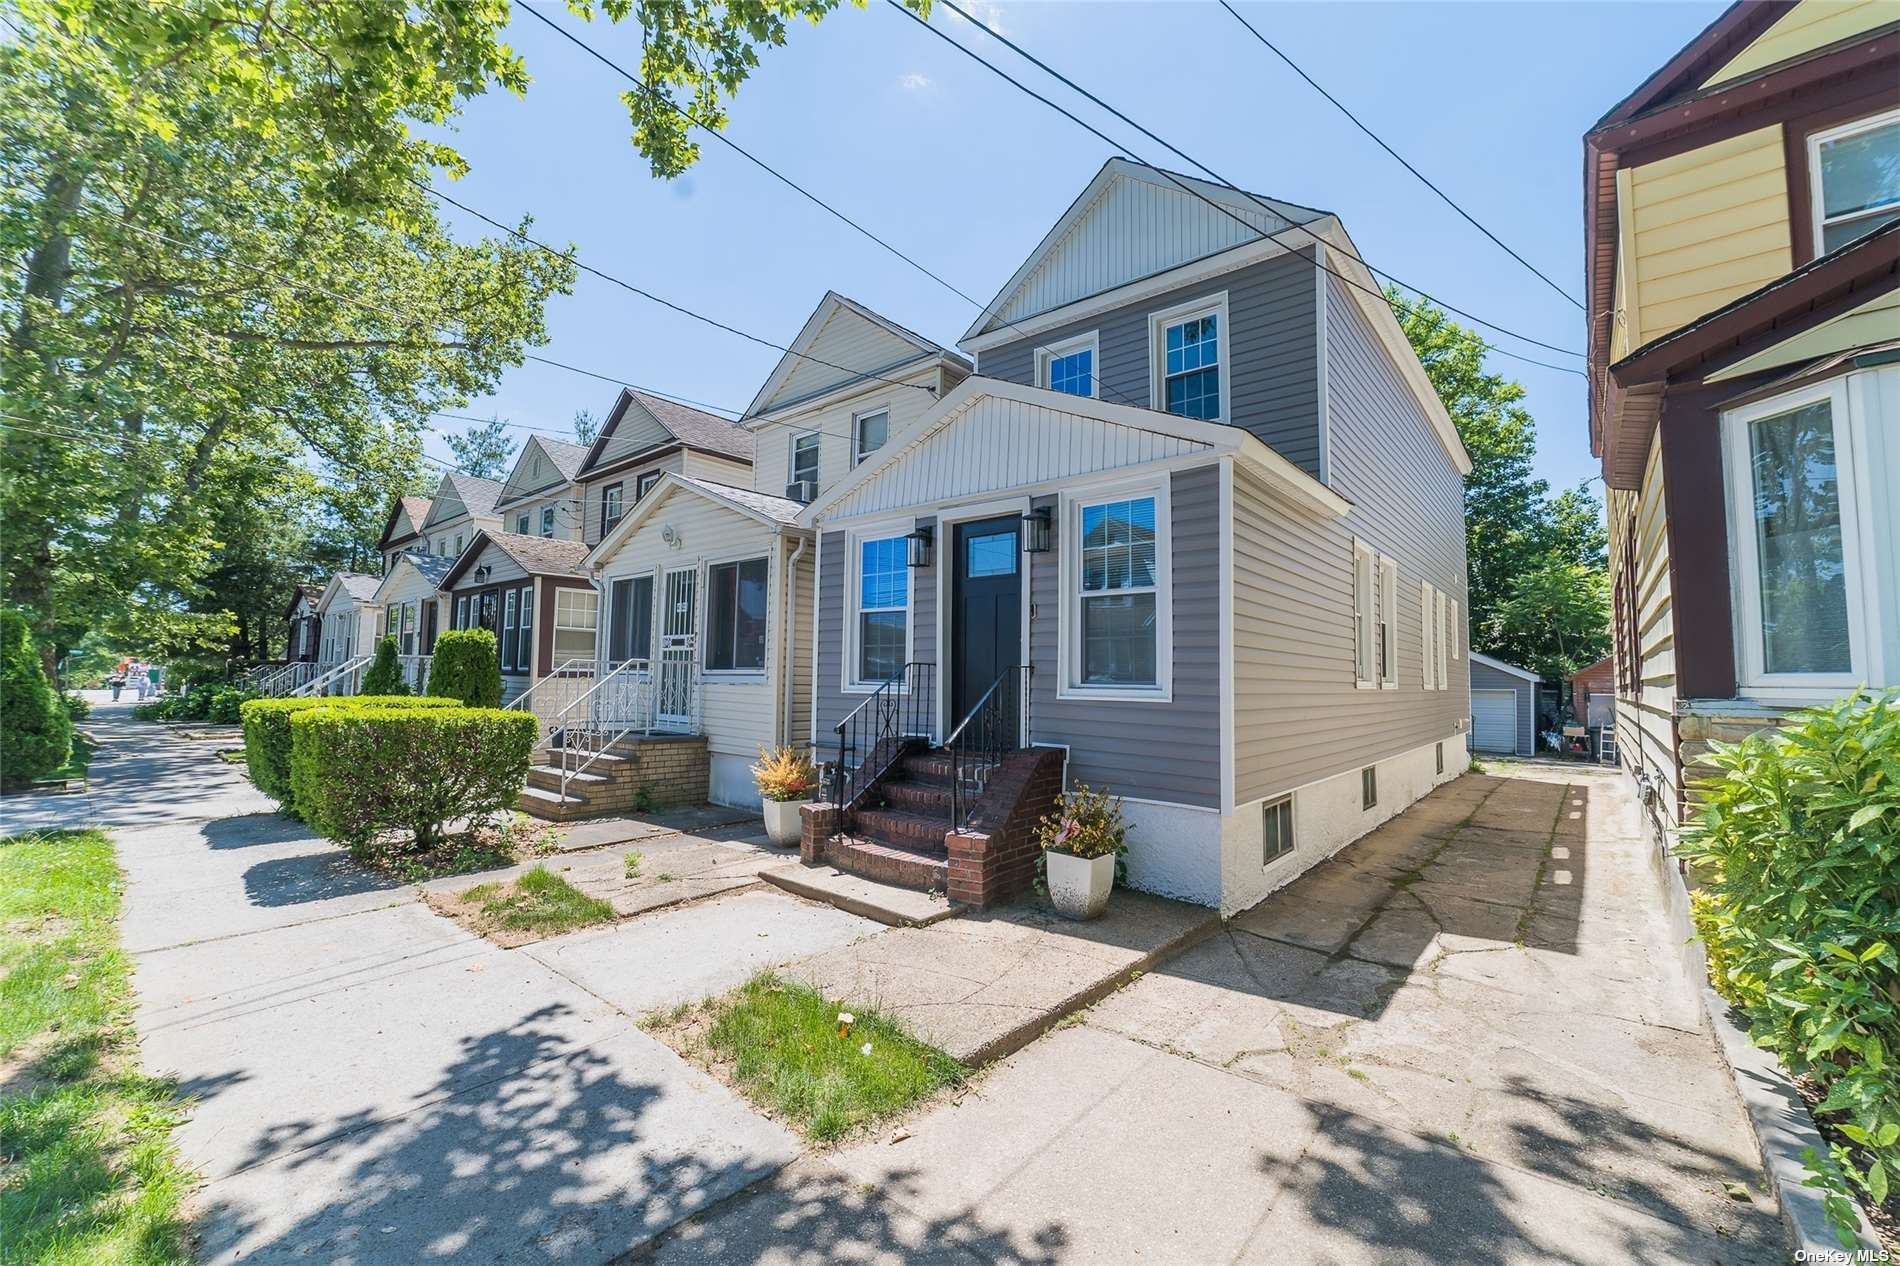 43-20 219th Street, Bayside, NY 11361 - MLS#: 3323535